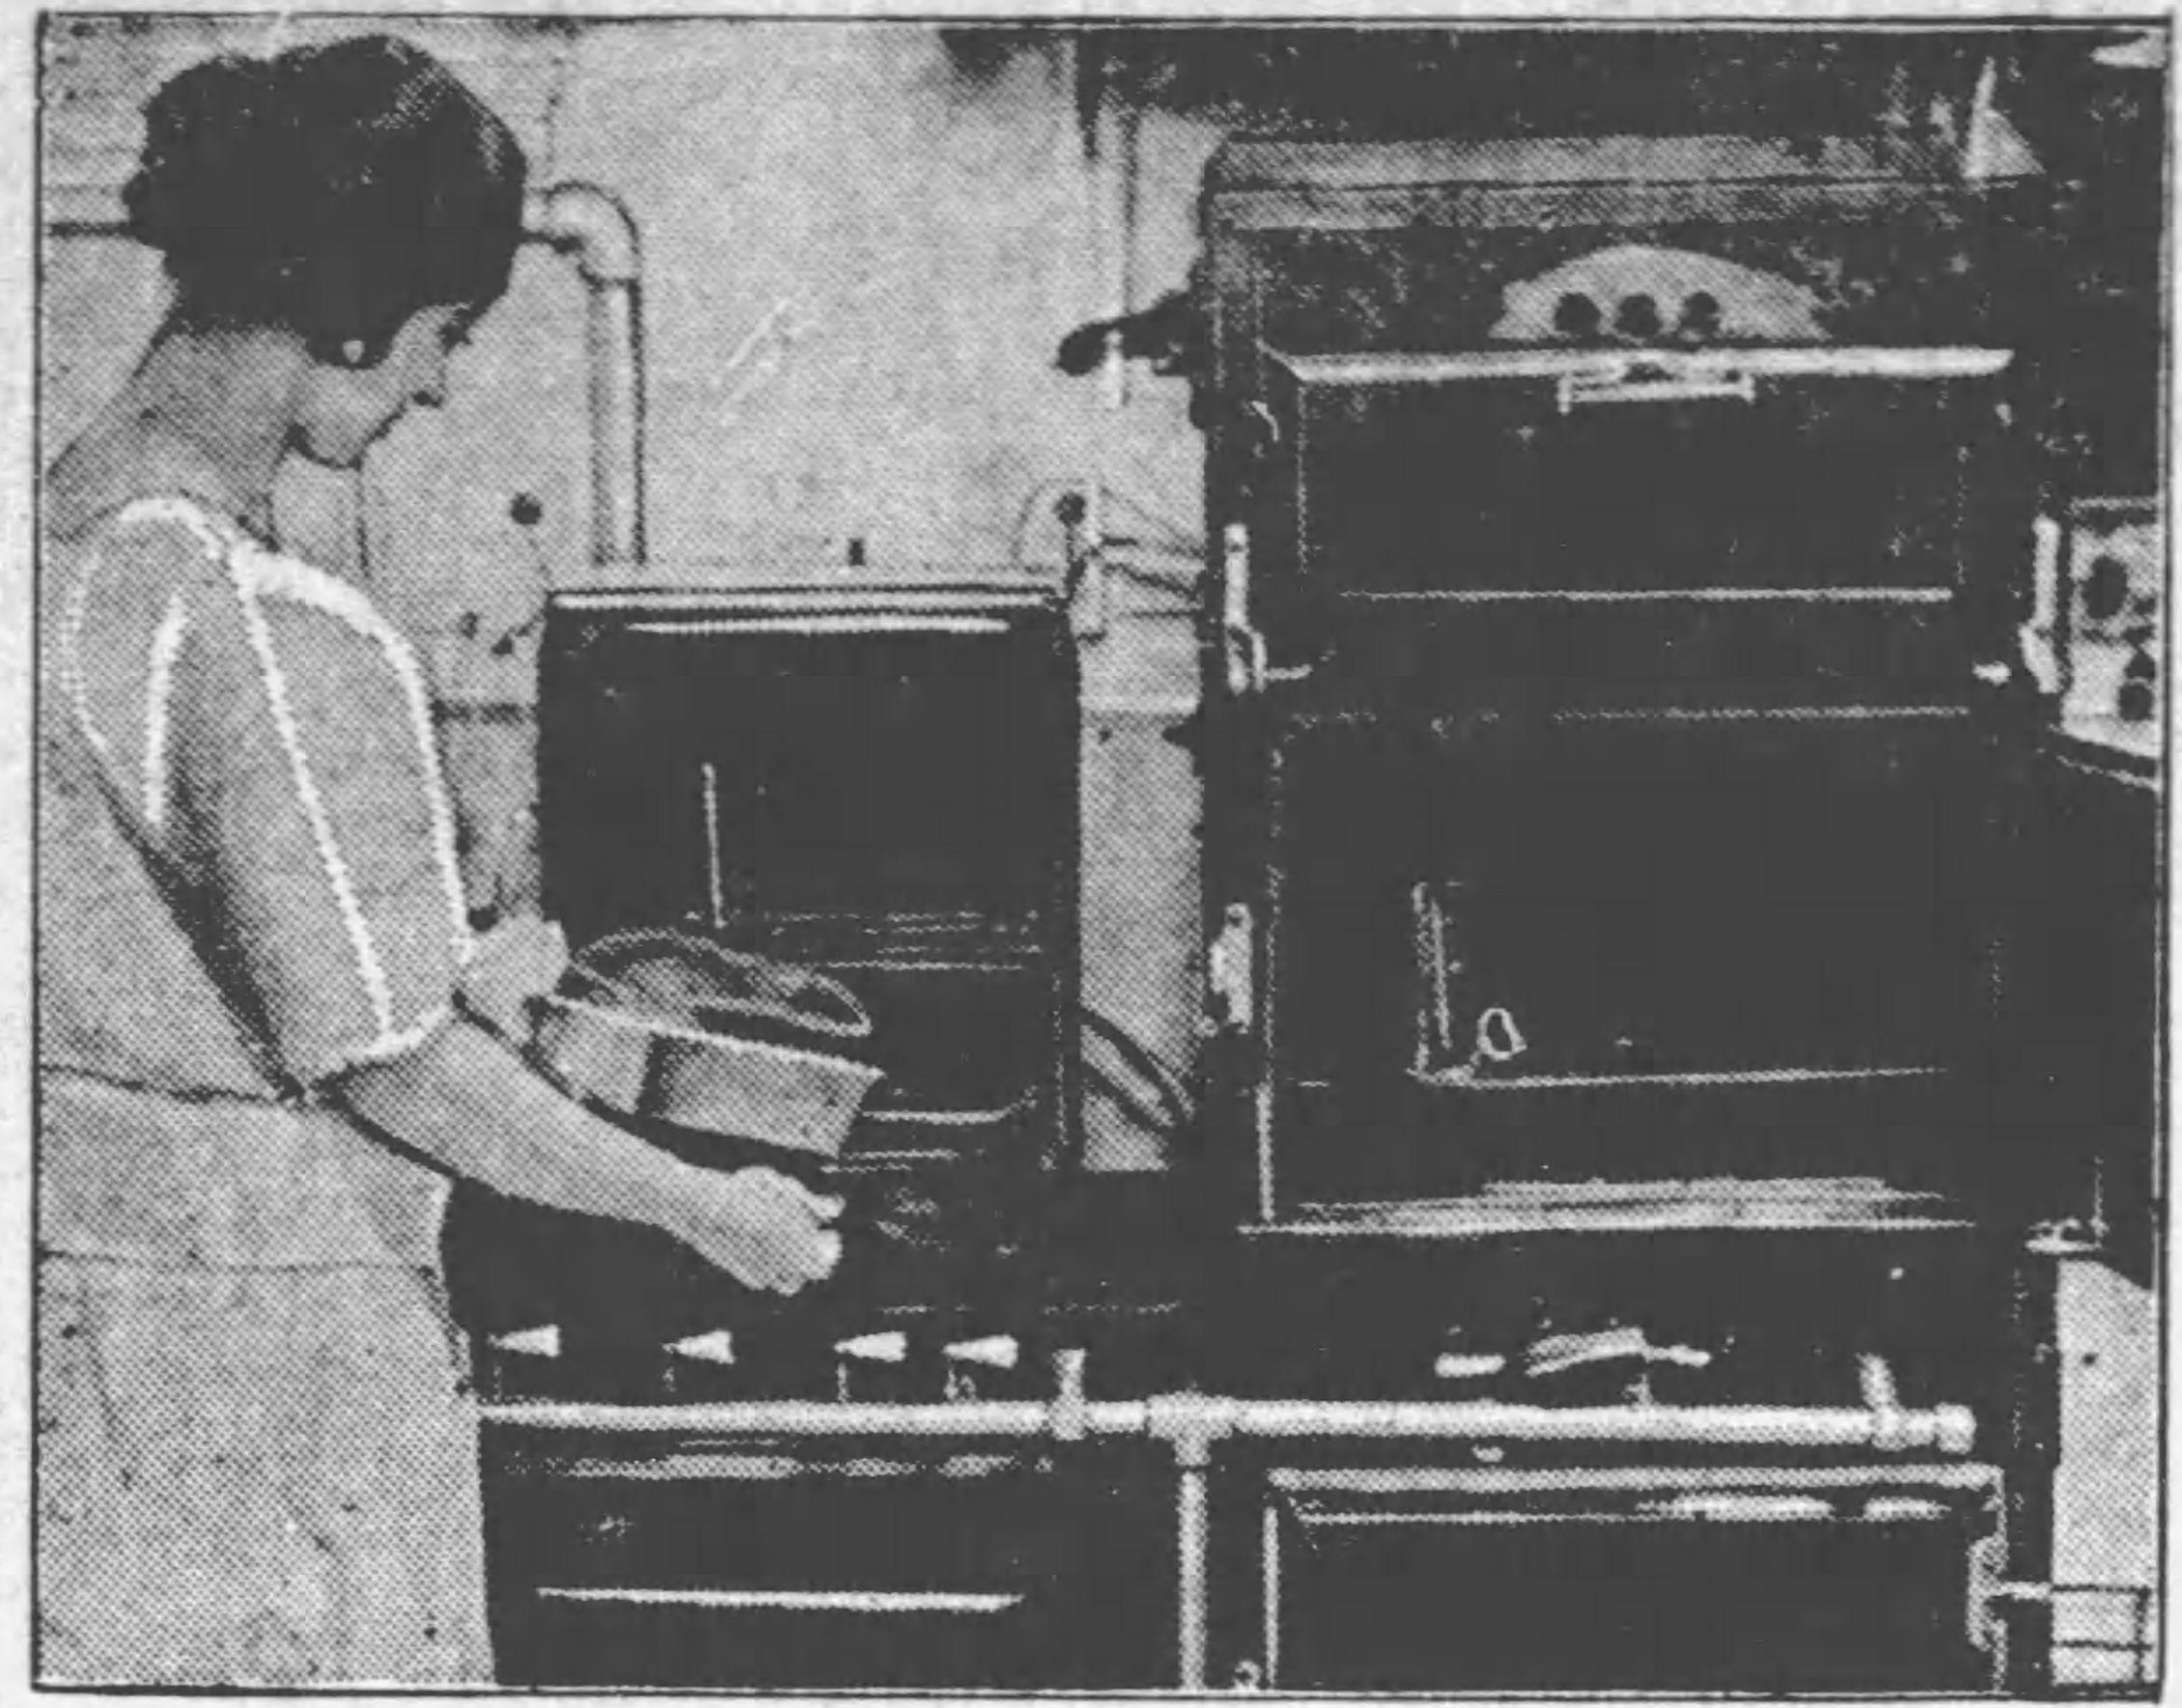 PATRON + SATURDAY SECRETS - Proper use of a gas stove